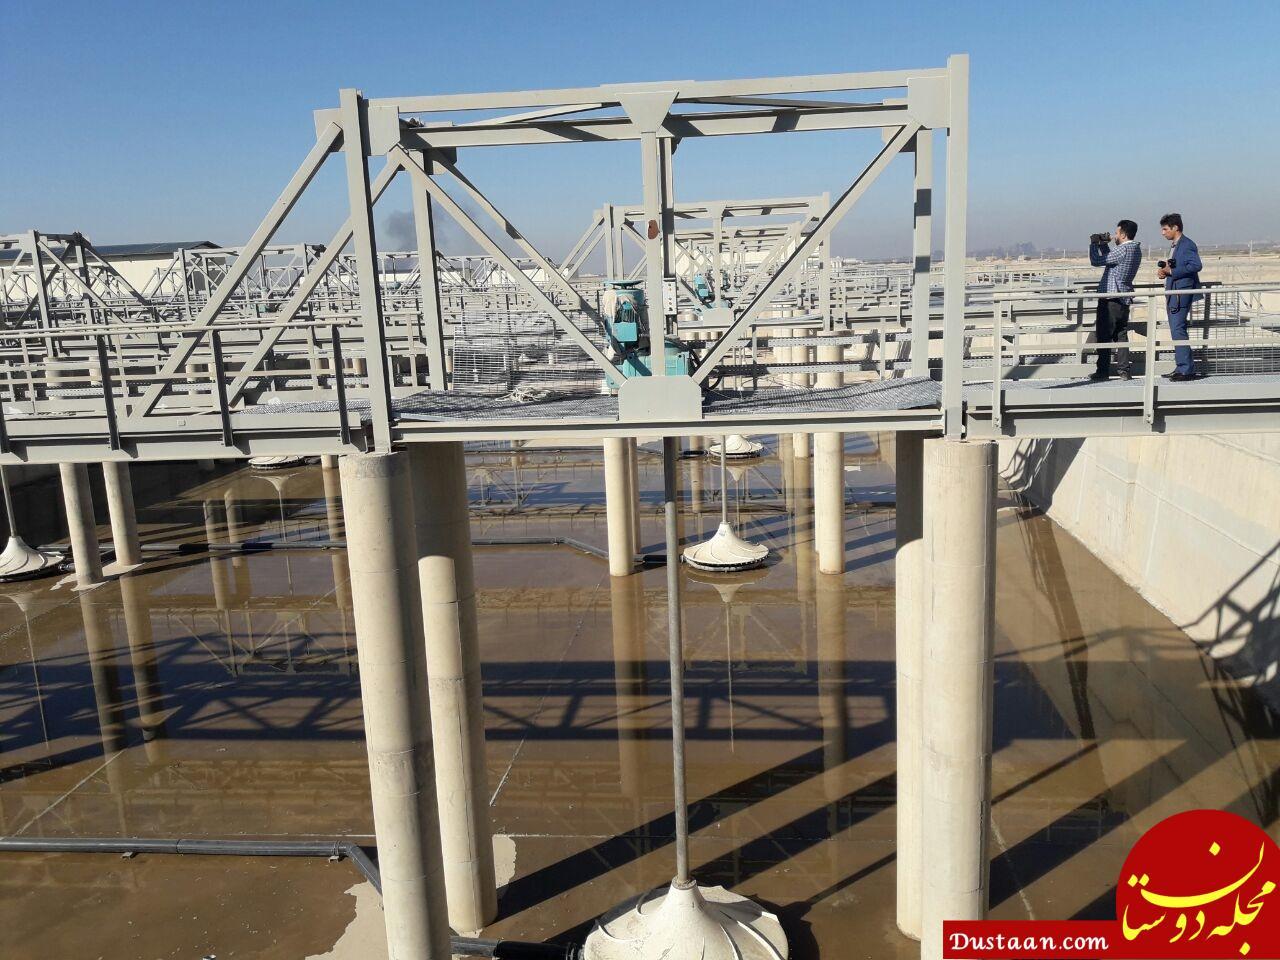 خبر خوش دولت برای مردم اهواز +عکس